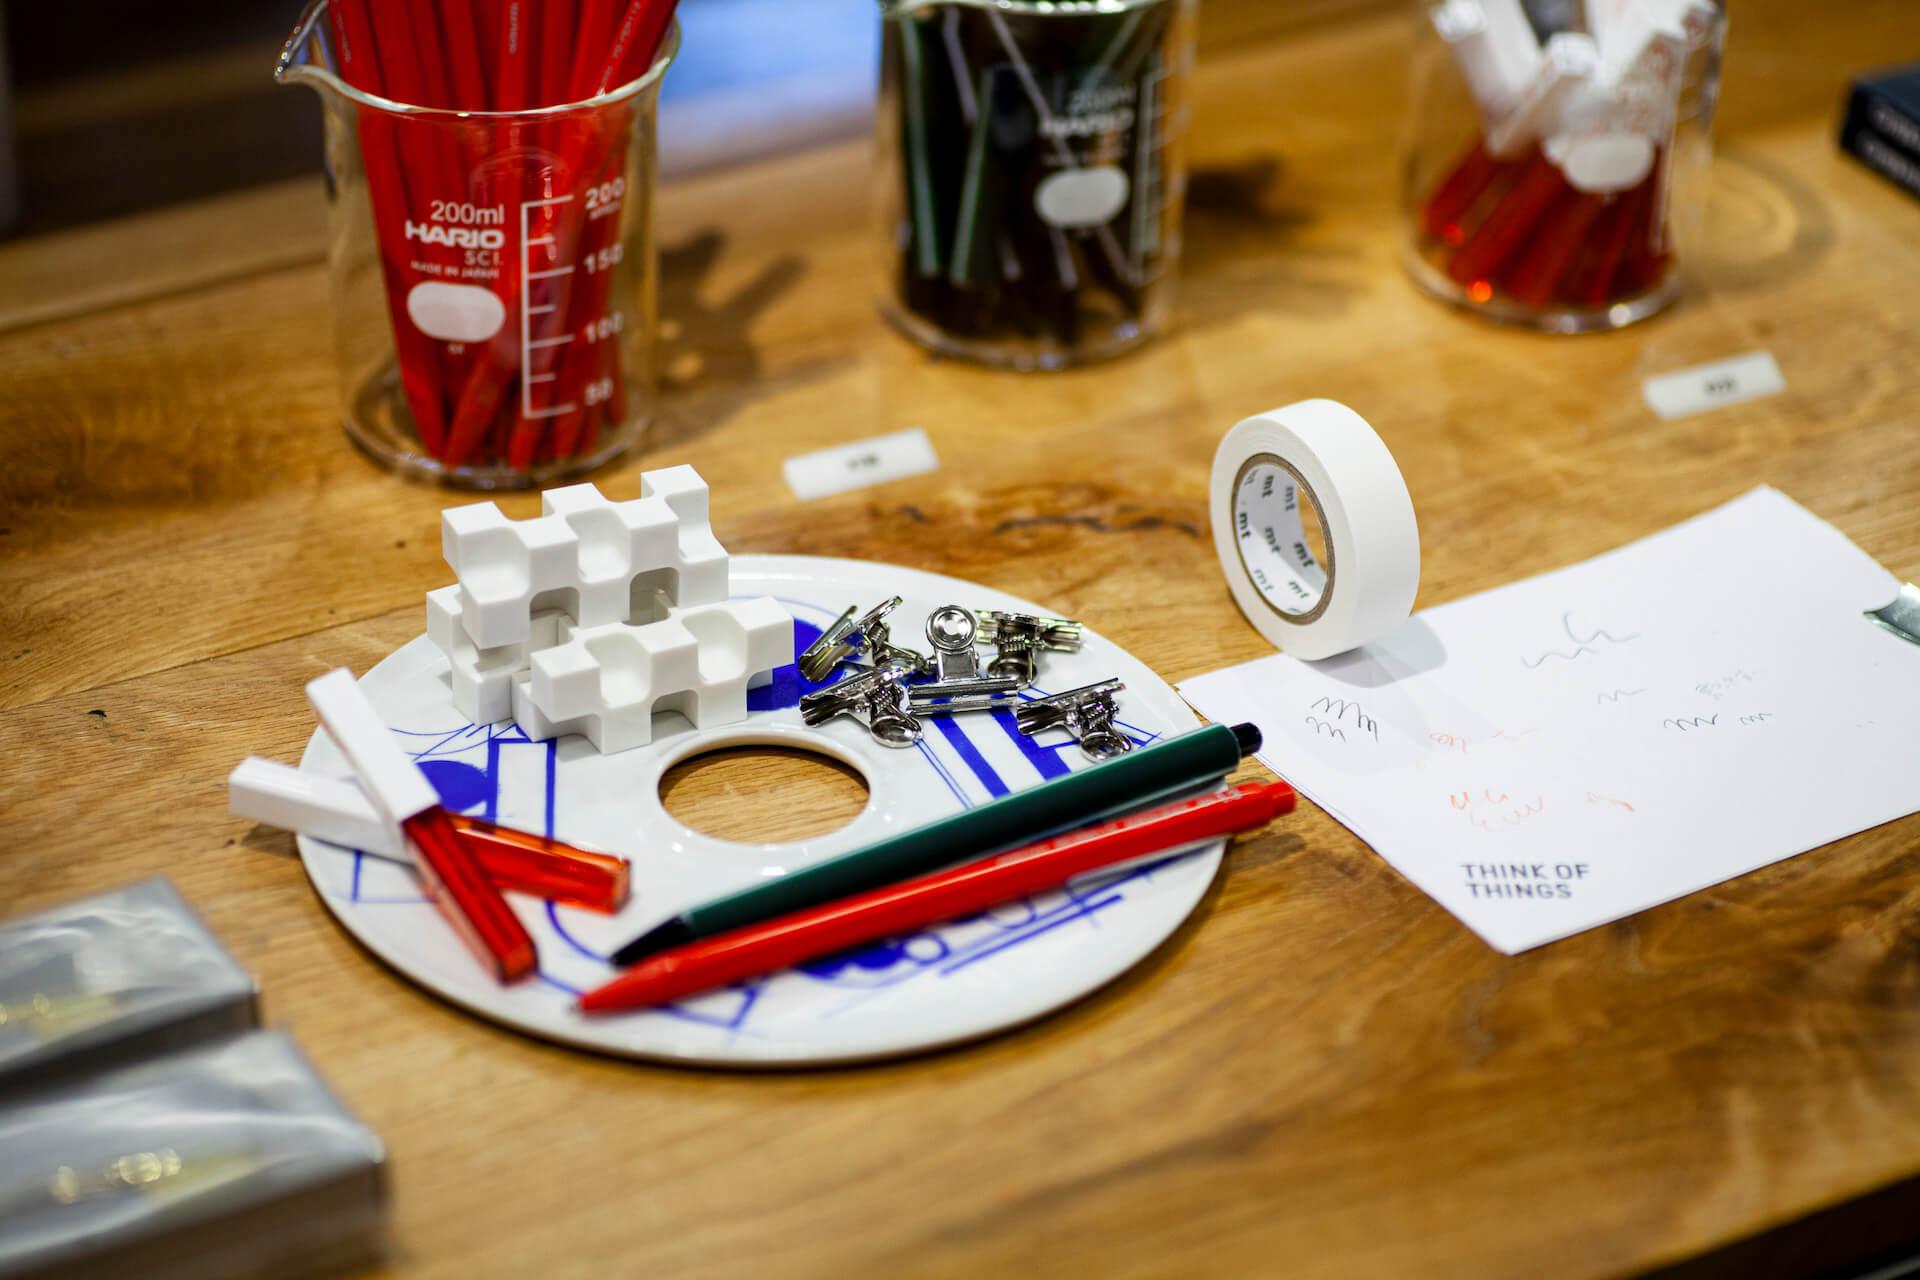 レコード皿プロジェクト『PEOPLEAP』が50種全てのデザインを披露する展示を「THINK OF THINGS」にて開催! art210909_ppl_5